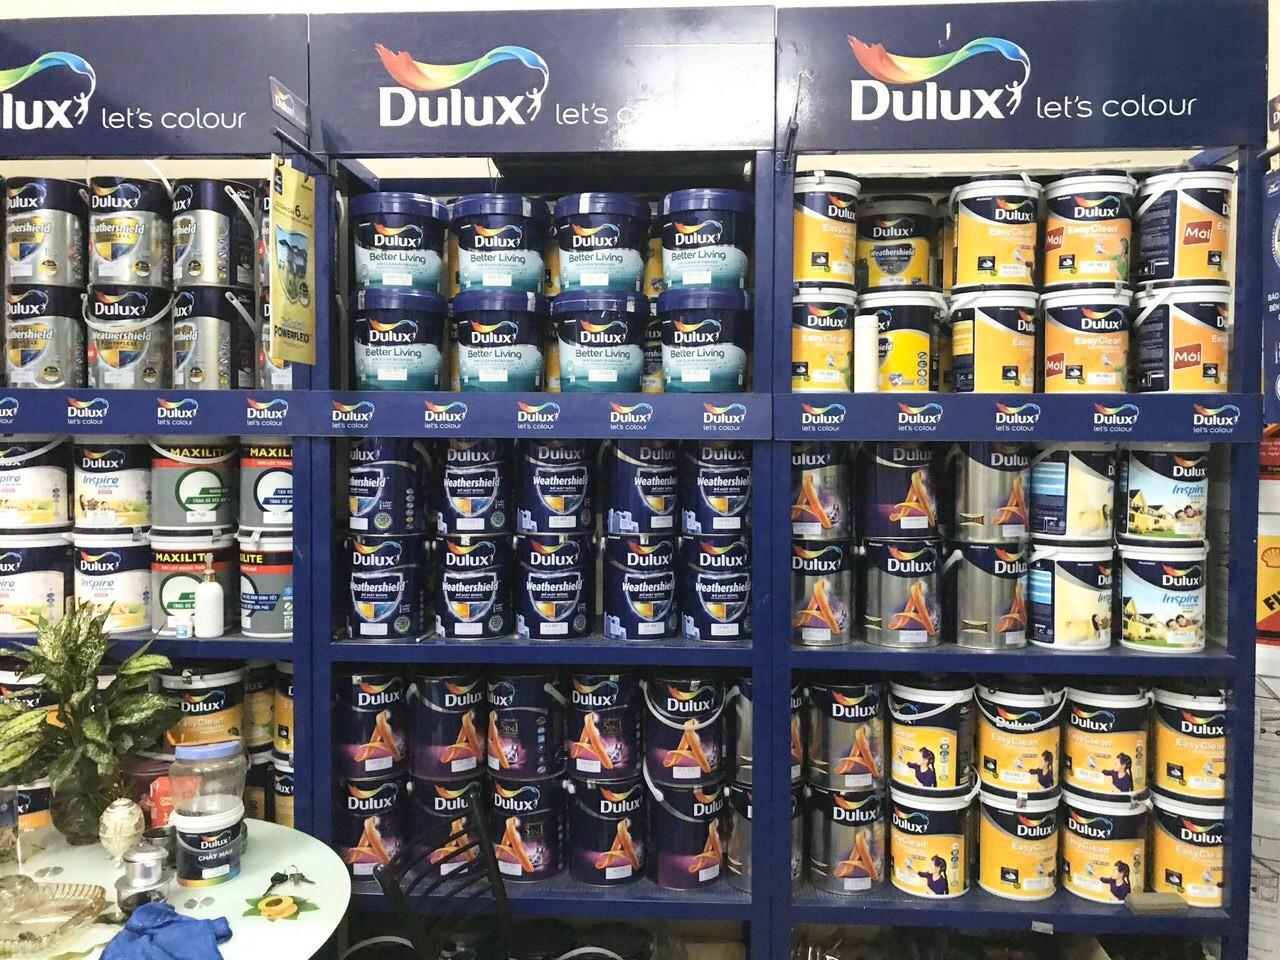 Các dòng sơn an toàn, bảo vệ sức khỏe được quan tâm nhiều trong mùa xây dựng cuối năm 2020. (Ảnh: Đại lý sơn Nga Tường của Dulux tại Quảng Ninh)